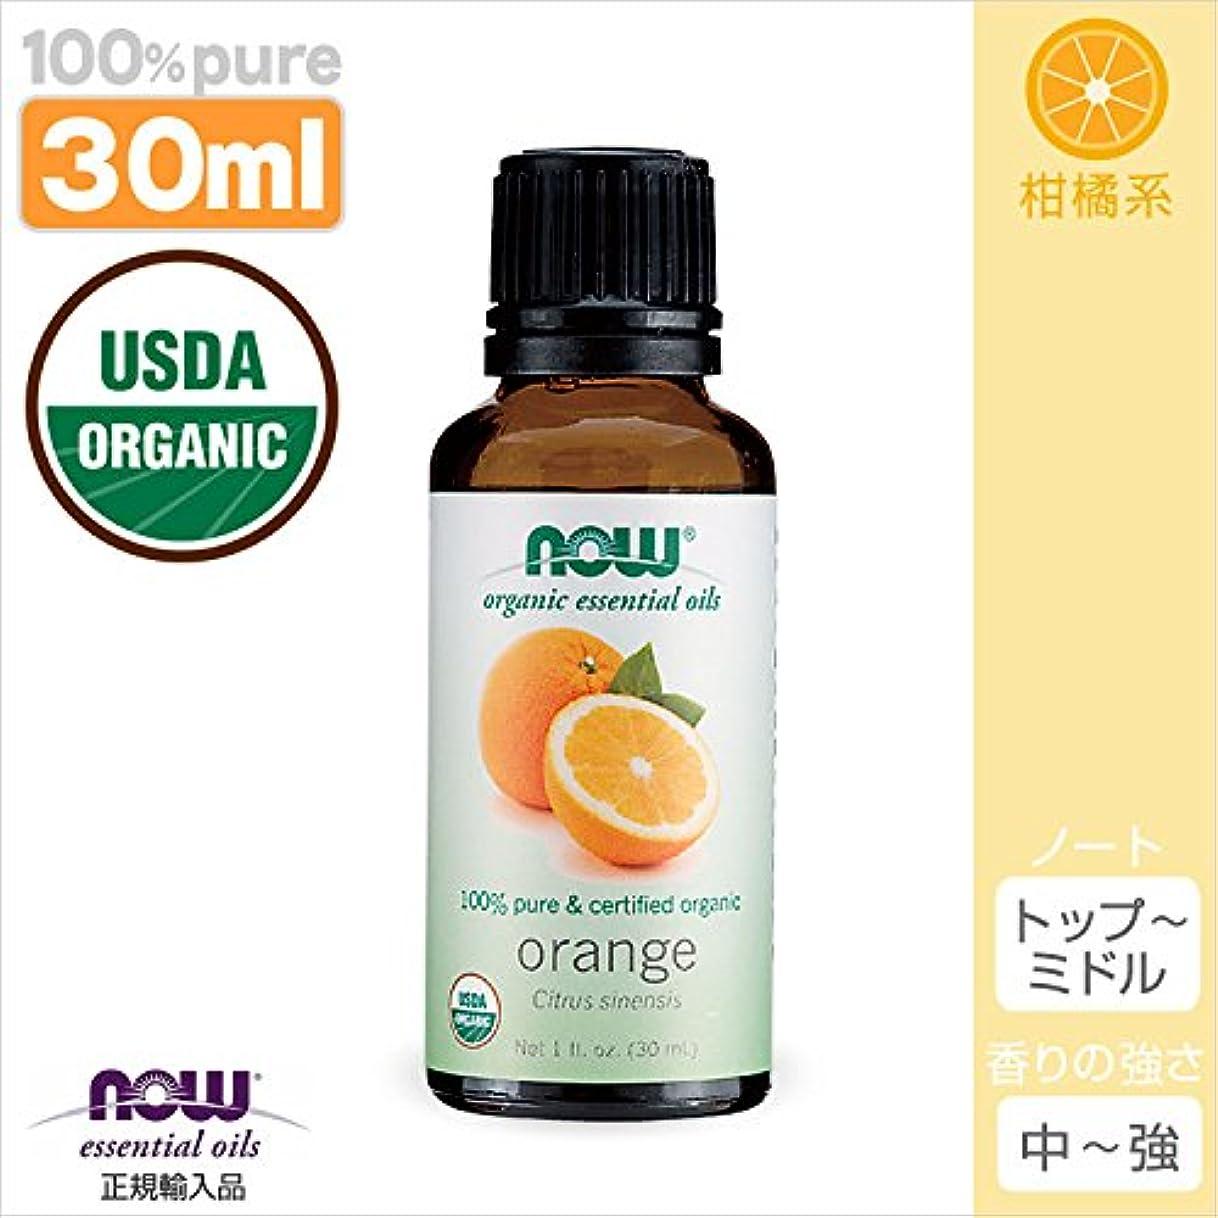 非アクティブ約不条理オレンジ精油オーガニック[30ml] 【正規輸入品】 NOWエッセンシャルオイル(アロマオイル)